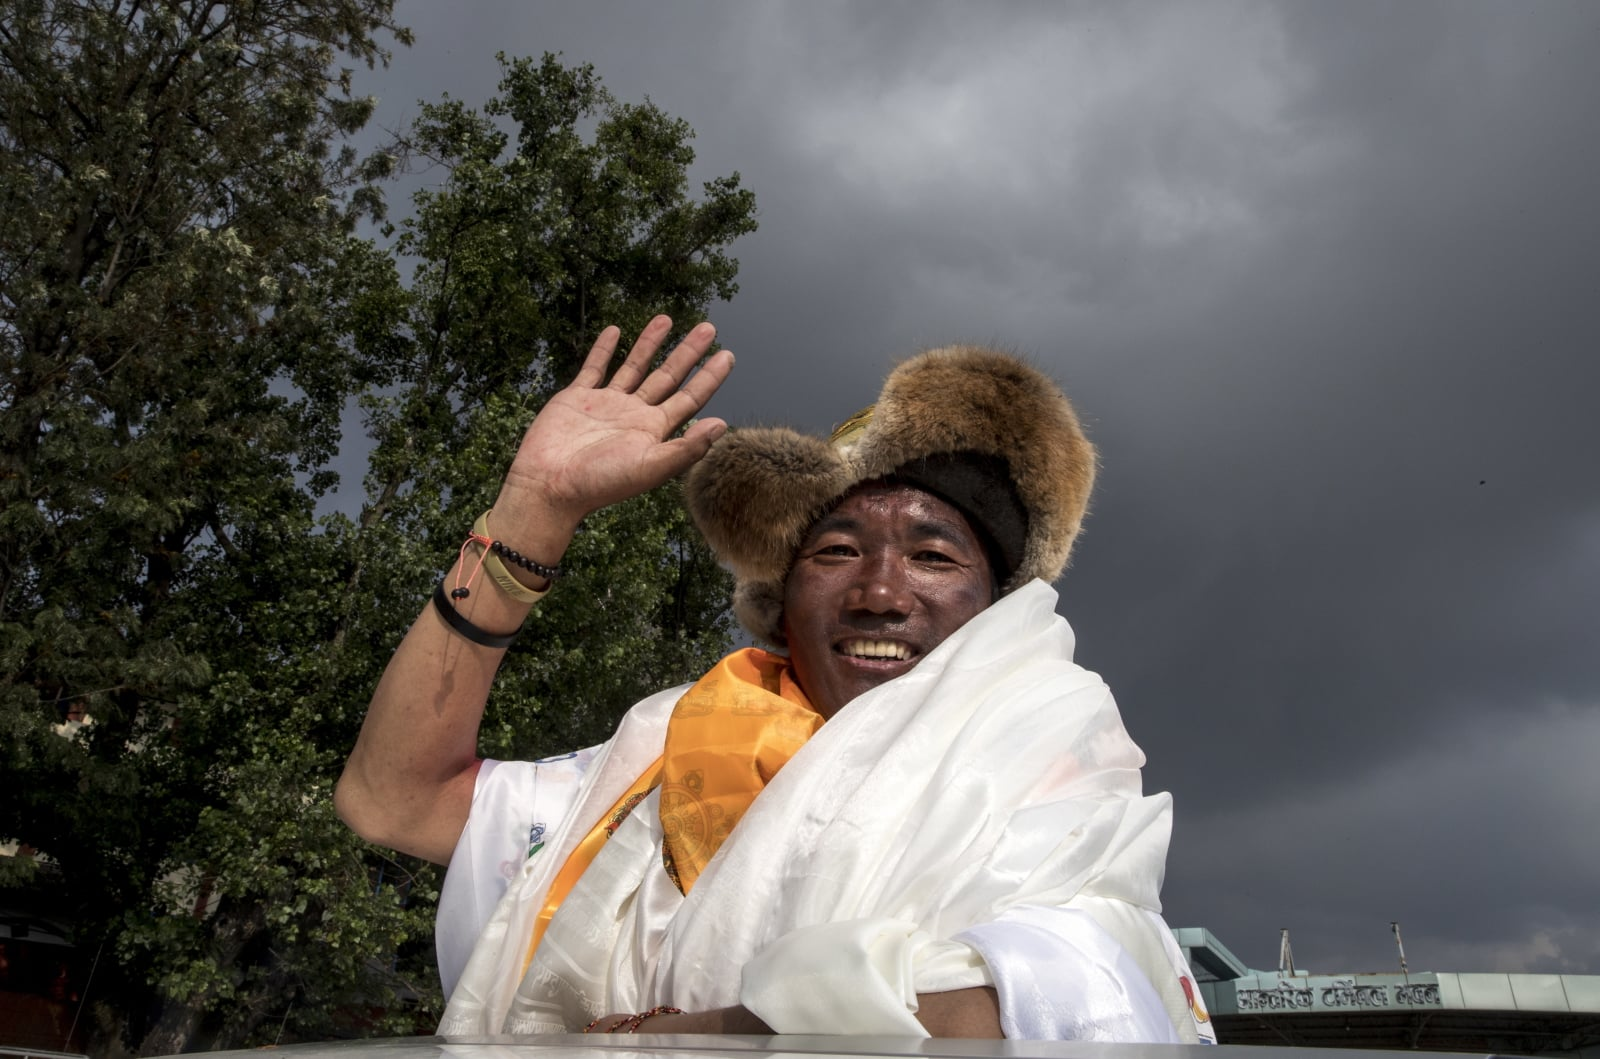 Nepalski weteran górski Kami Rita Sherpa wspiął się 22 razy na Mount Everest, ustanawiając nowy rekord świata, fot. EPA/NARENDRA SHRESTHA